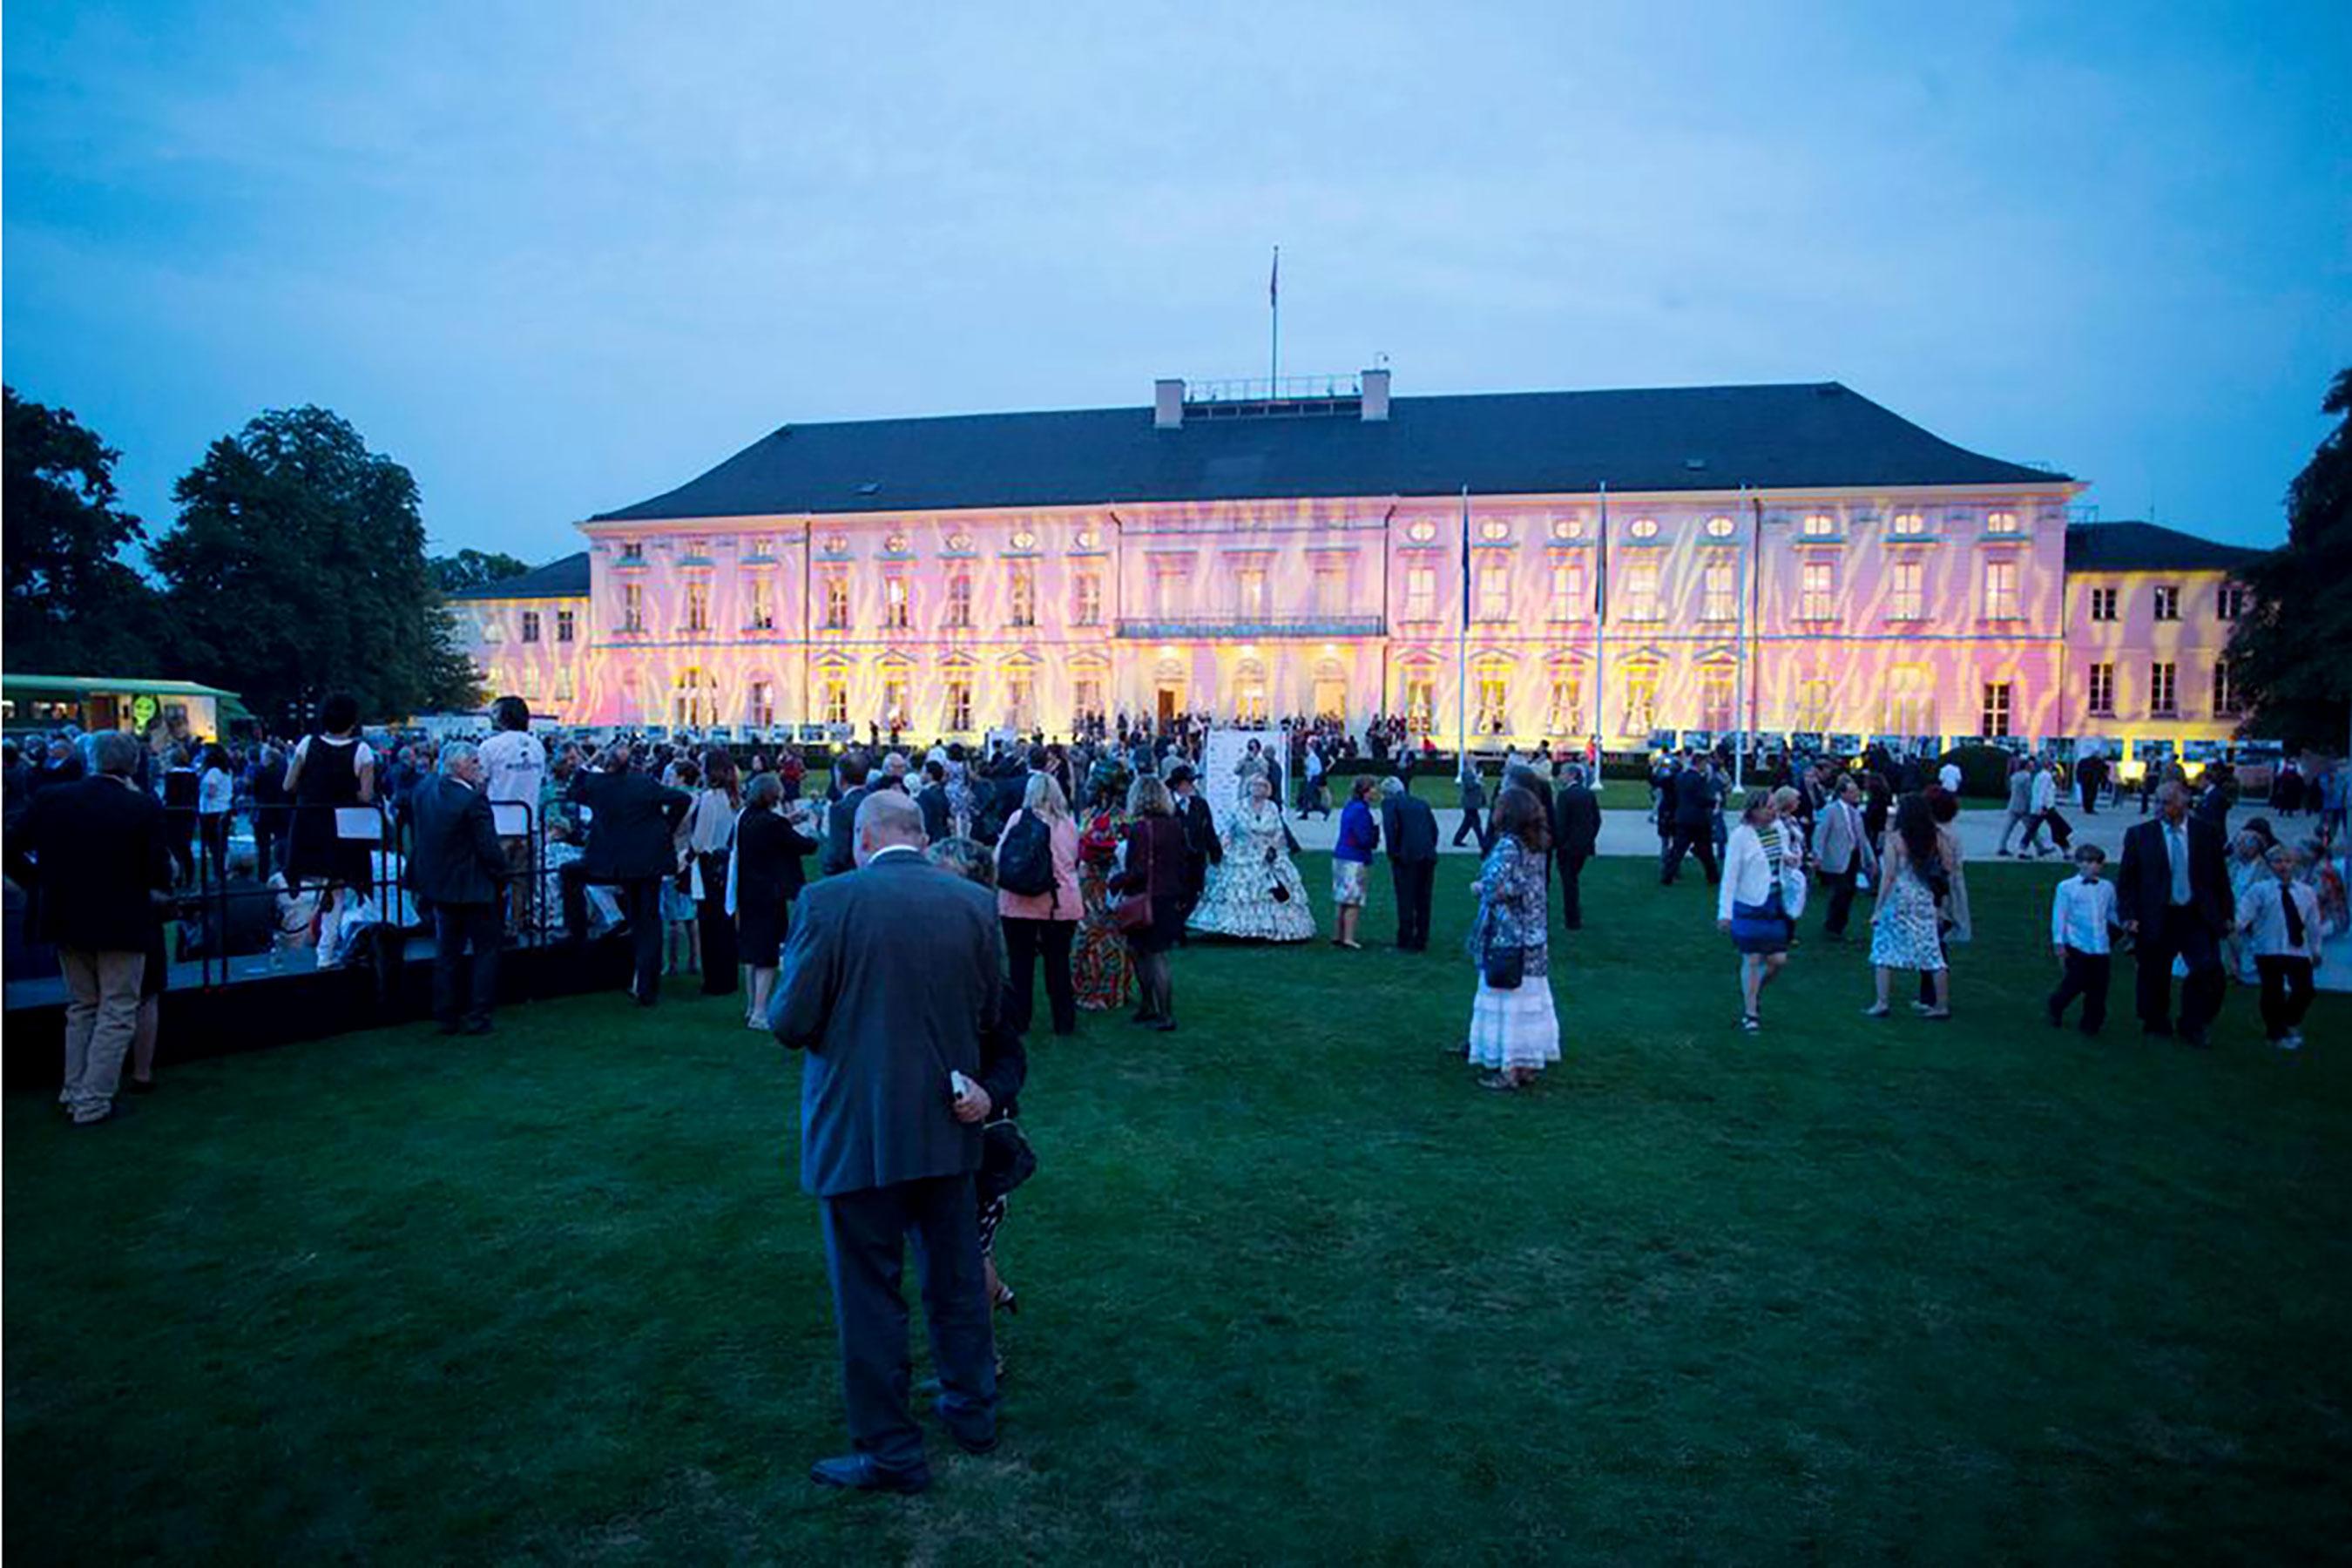 Bürgerfest im Schloss Bellevue, Copyright Henning Schacht